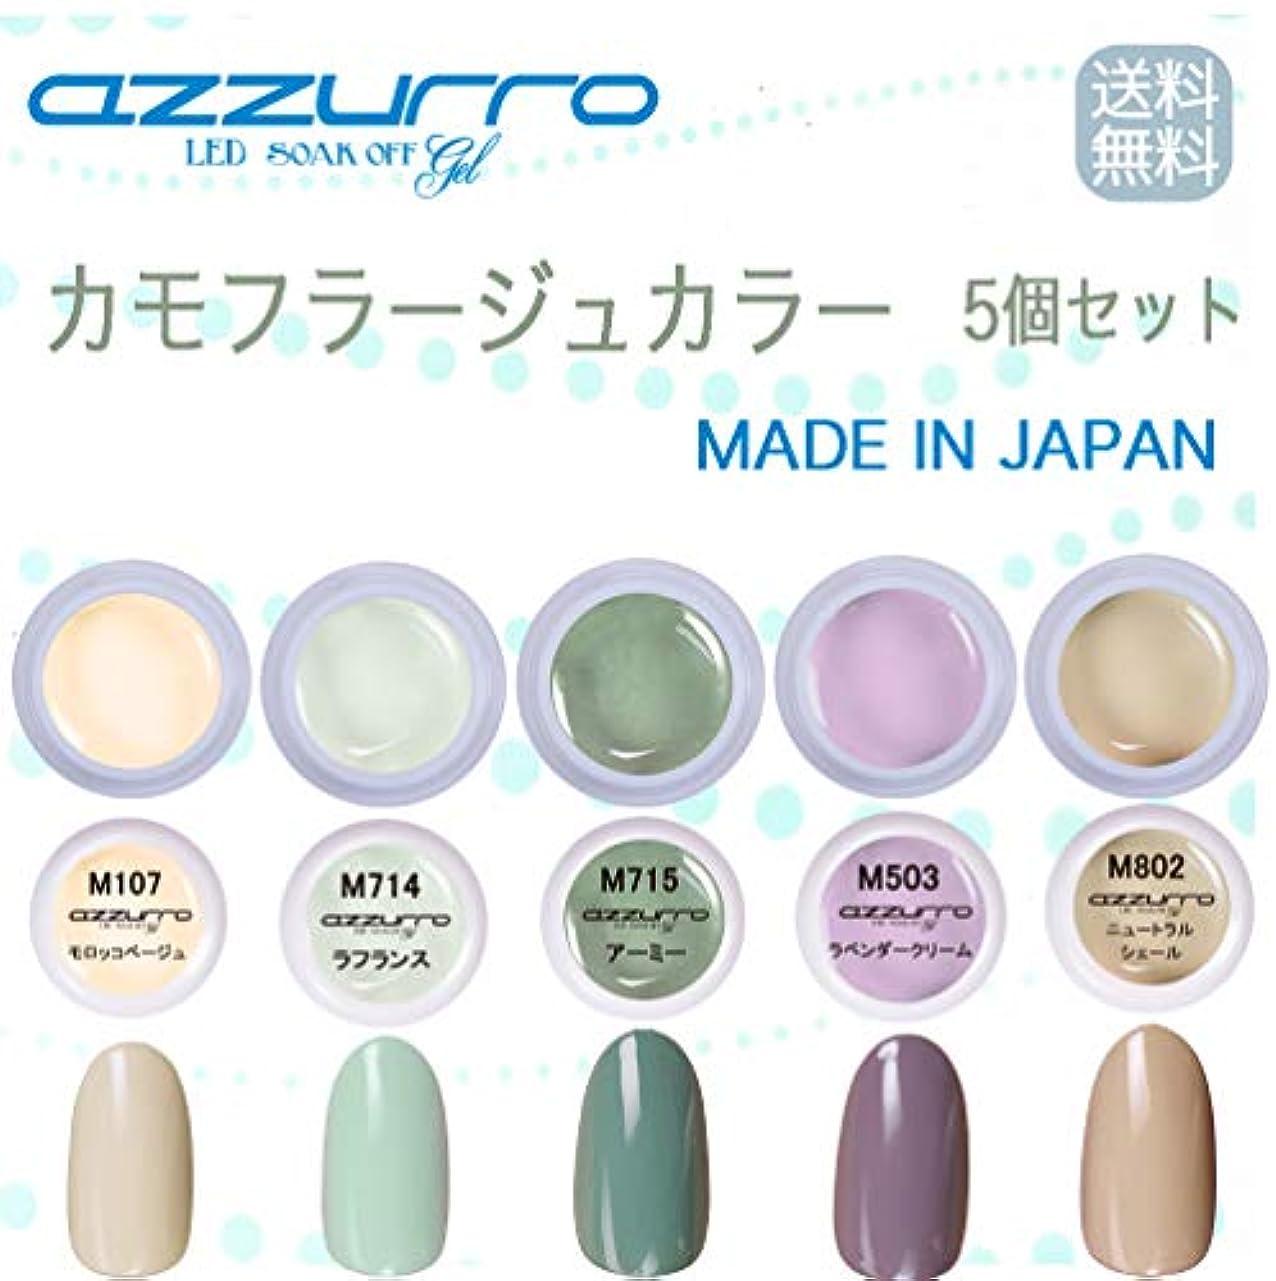 食べるきしむ深い【送料無料】日本製 azzurro gel カモフラージュカラージェル5個セット 春にピッタリでクールなトレンドカラーのカモフラージュカラー